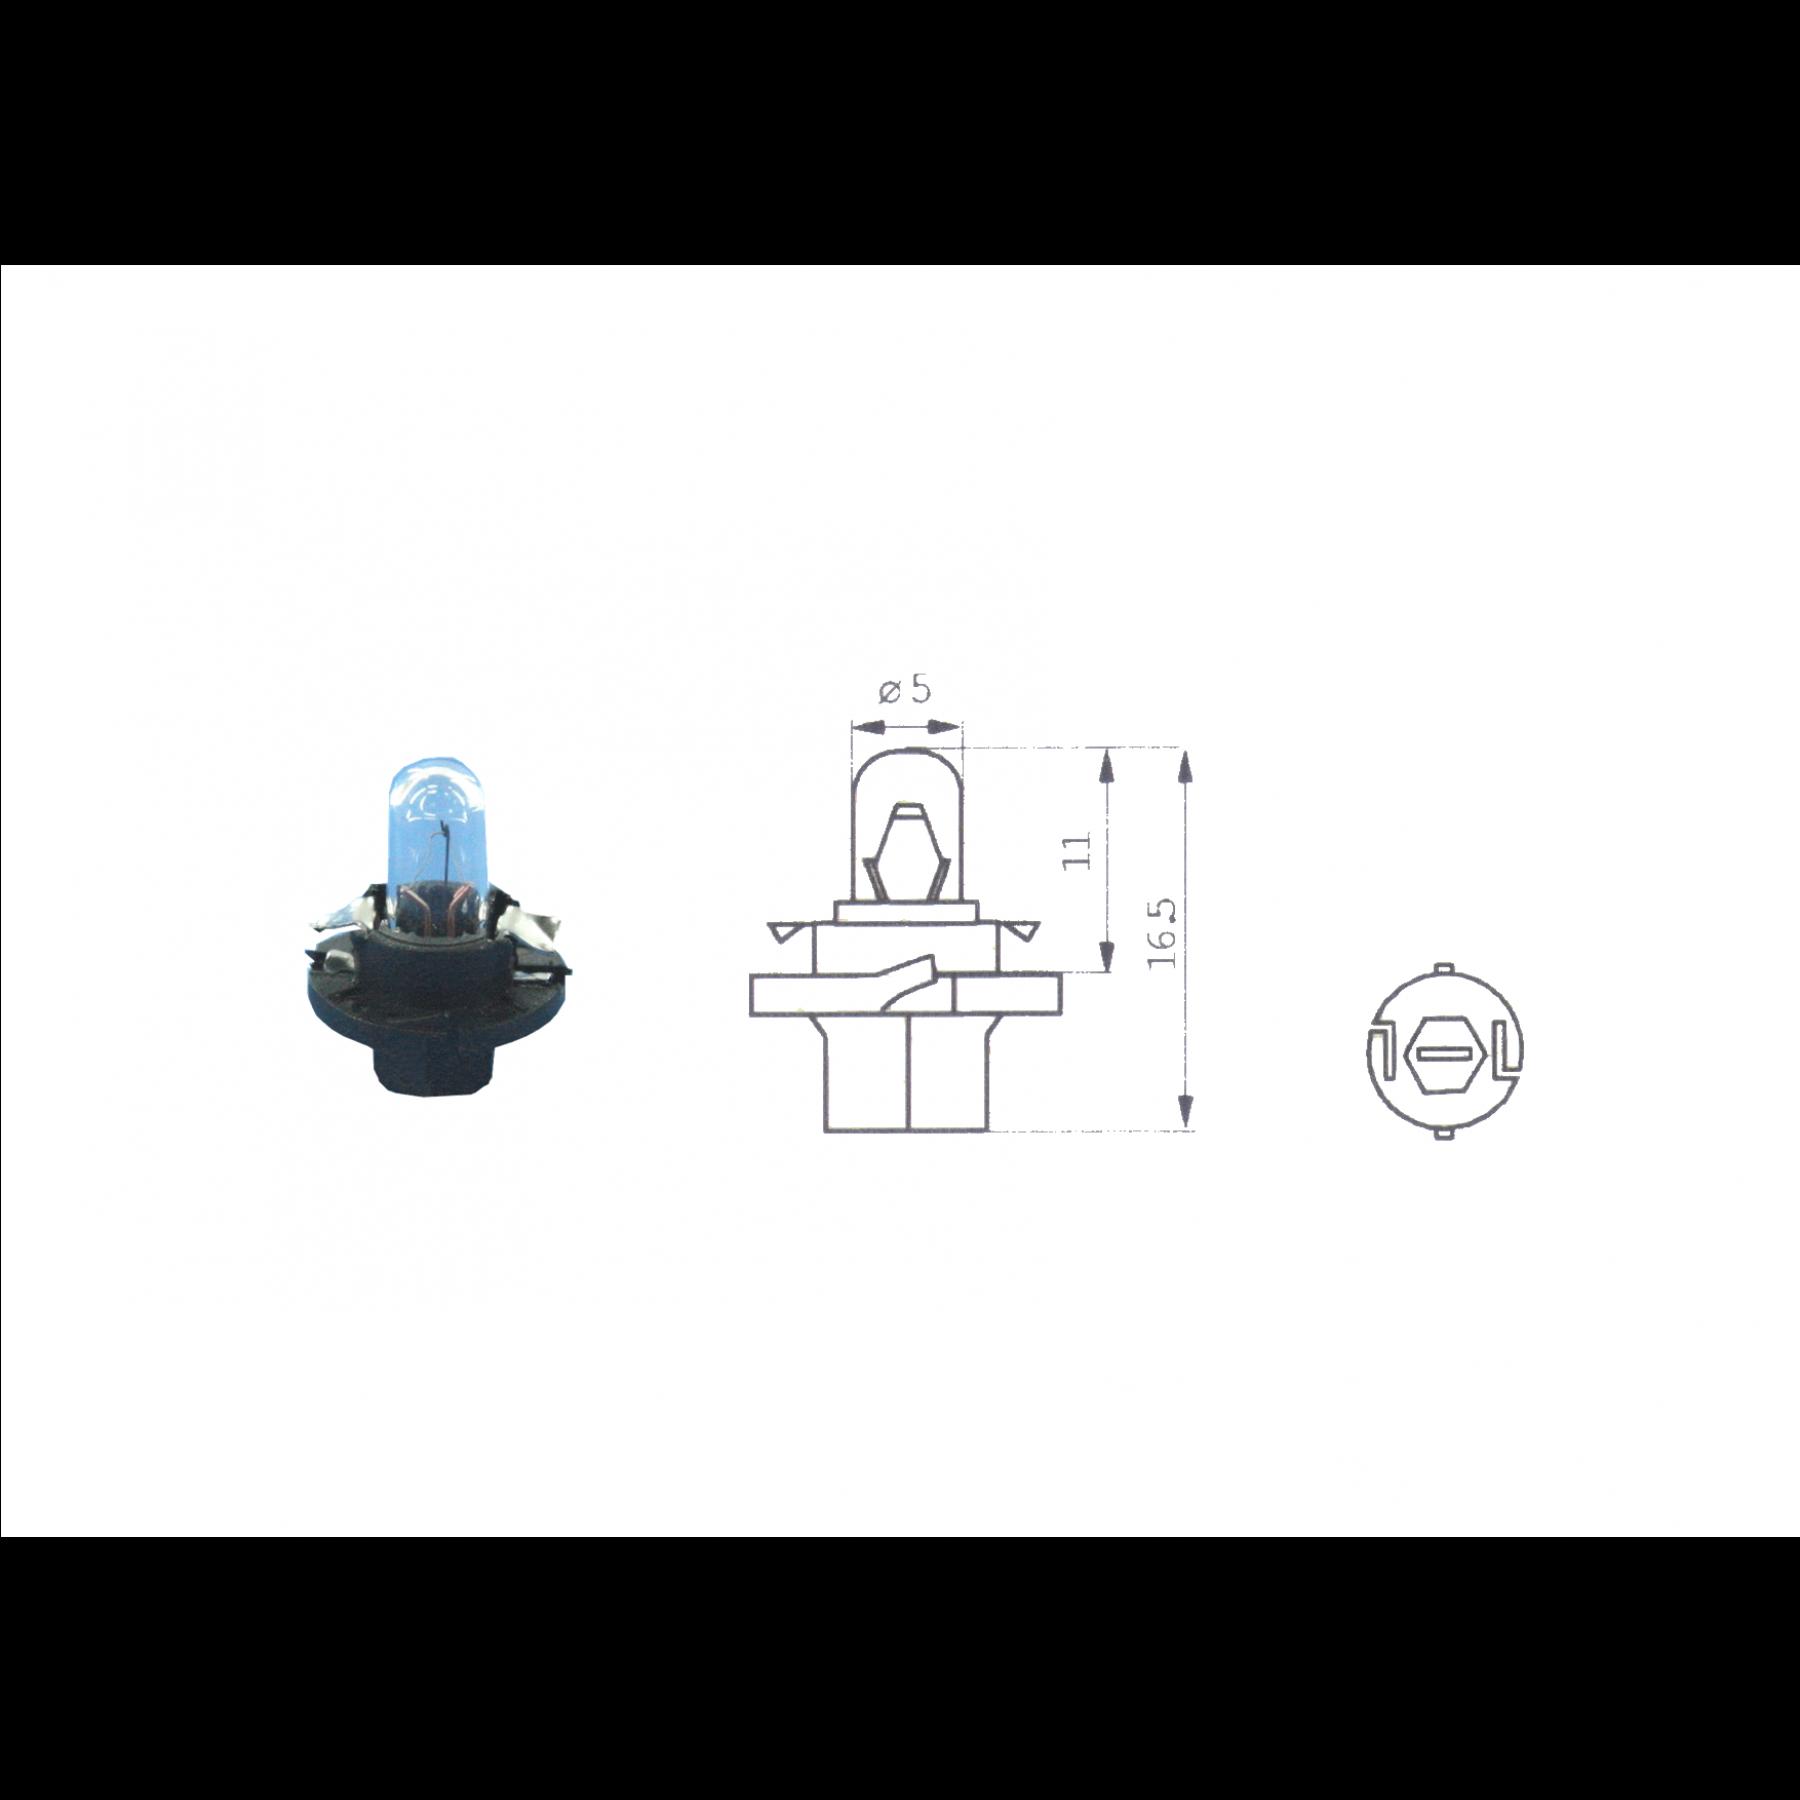 Lamp 12V 1.2W Zwart BX8.4D kunststof fitting